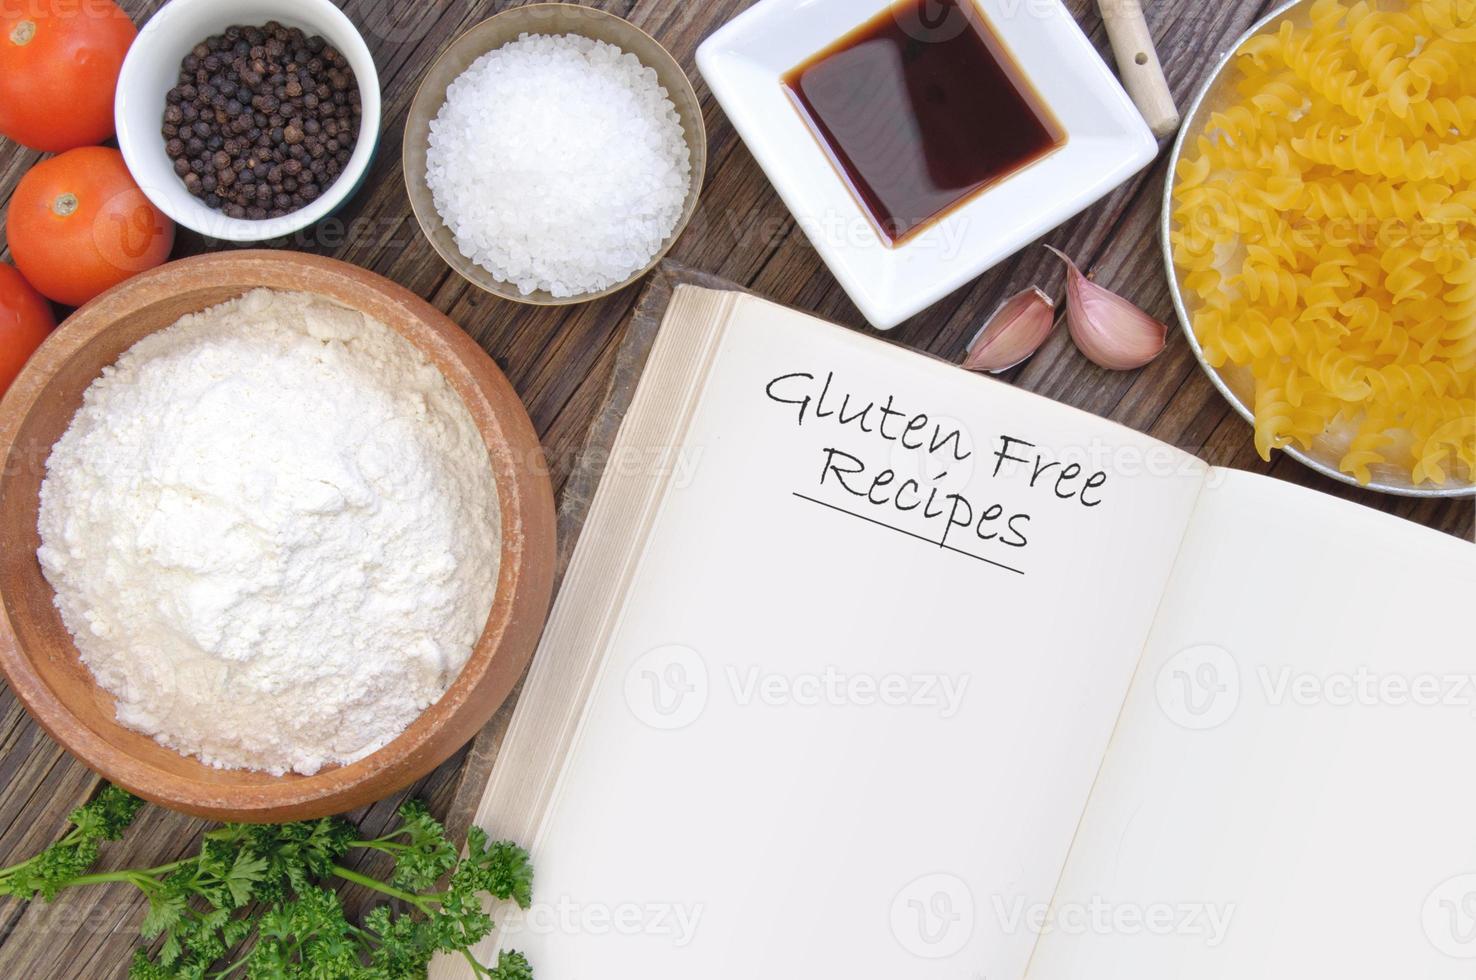 glutenvrij recept foto